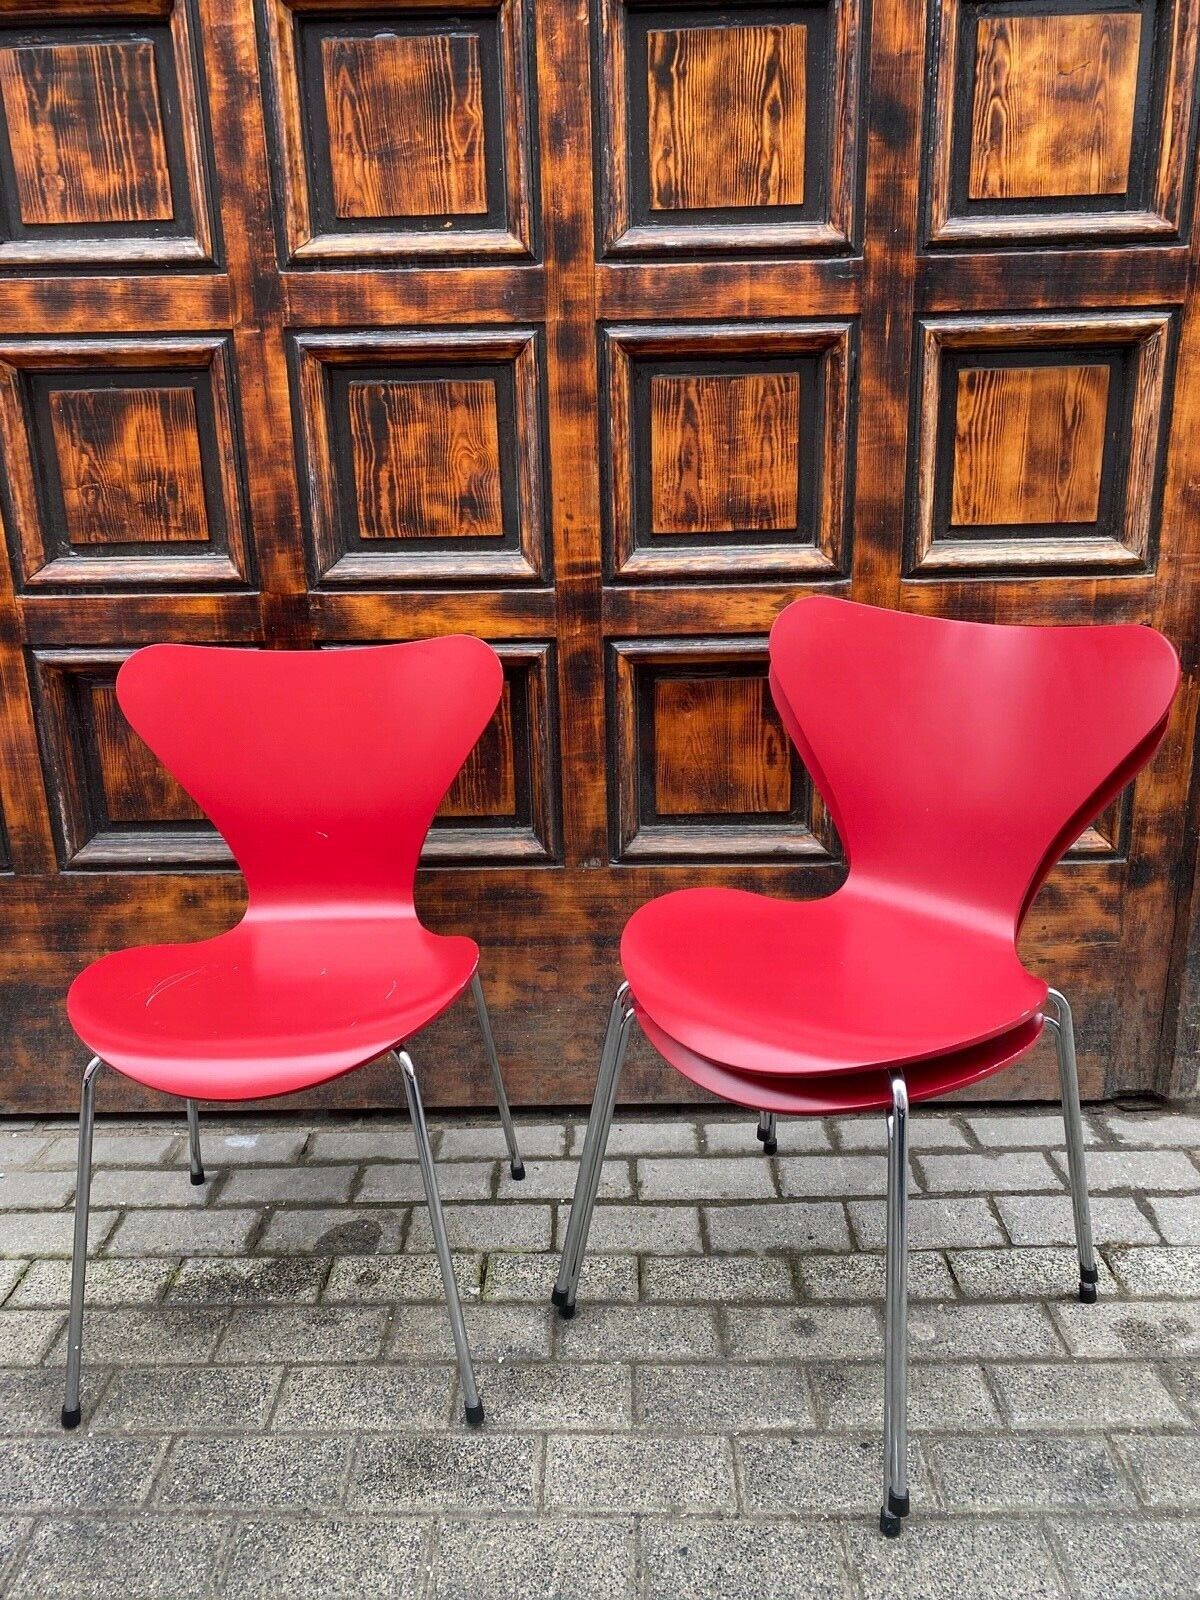 1/3 Fritz Hansen Arne Jacobsen Serie 7 in rot Designerstuhl